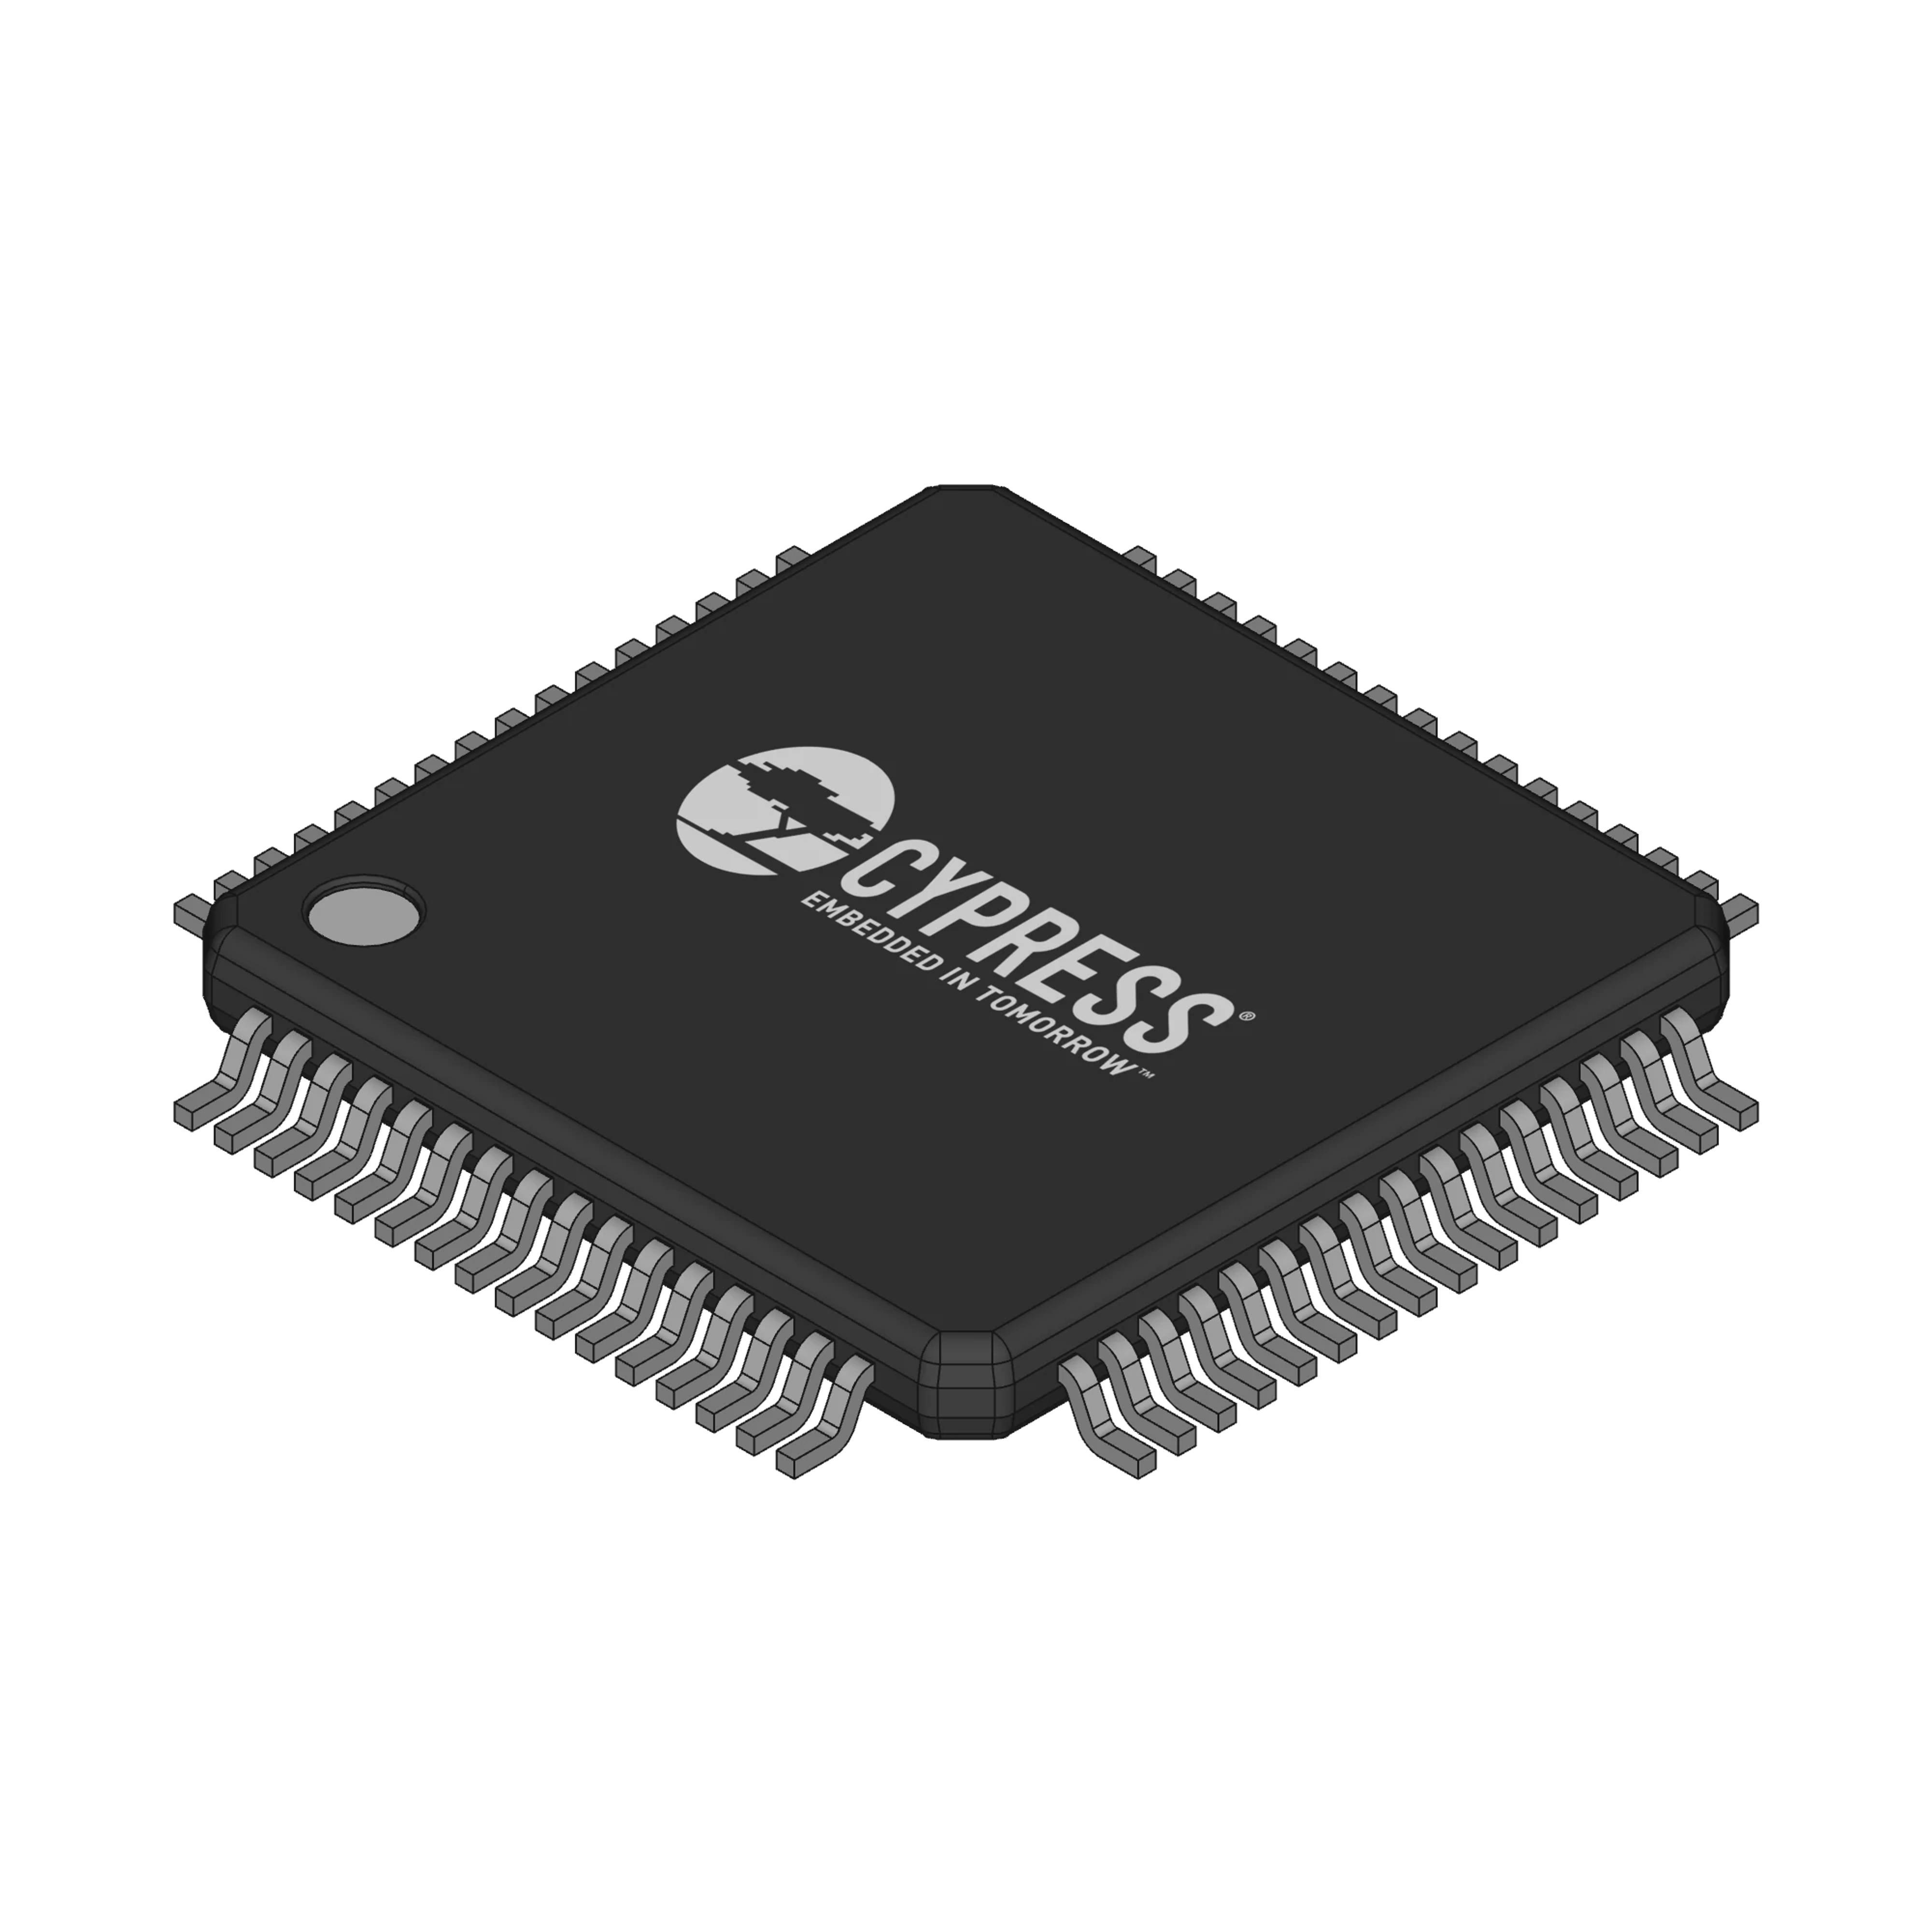 Cypress_CY7C4285_logoadded